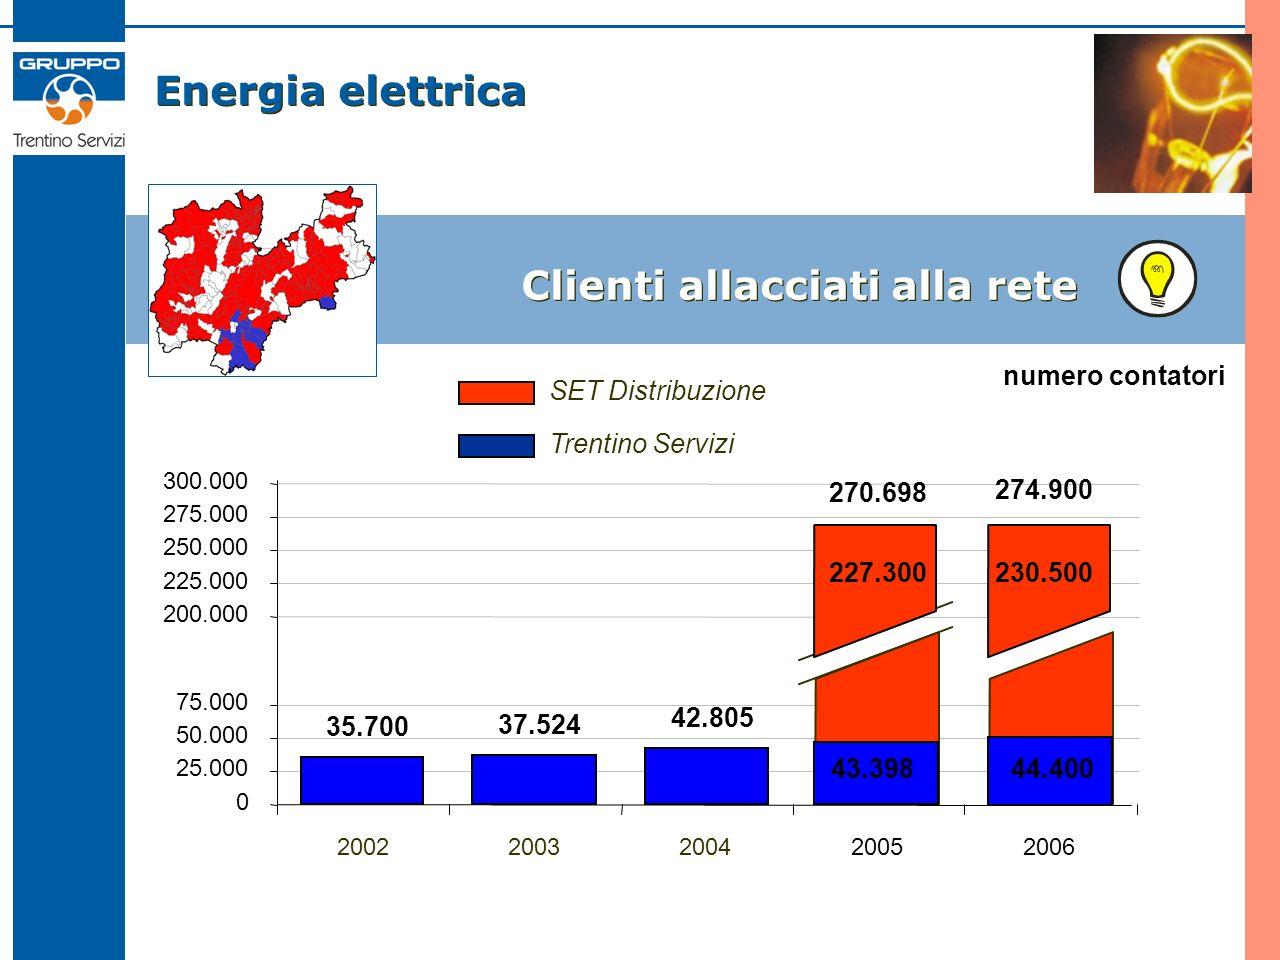 Energia elettrica Clienti allacciati alla rete 35.700 37.524 42.805 270.698 0 25.000 50.000 75.000 200.000 225.000 250.000 275.000 300.000 20022003200